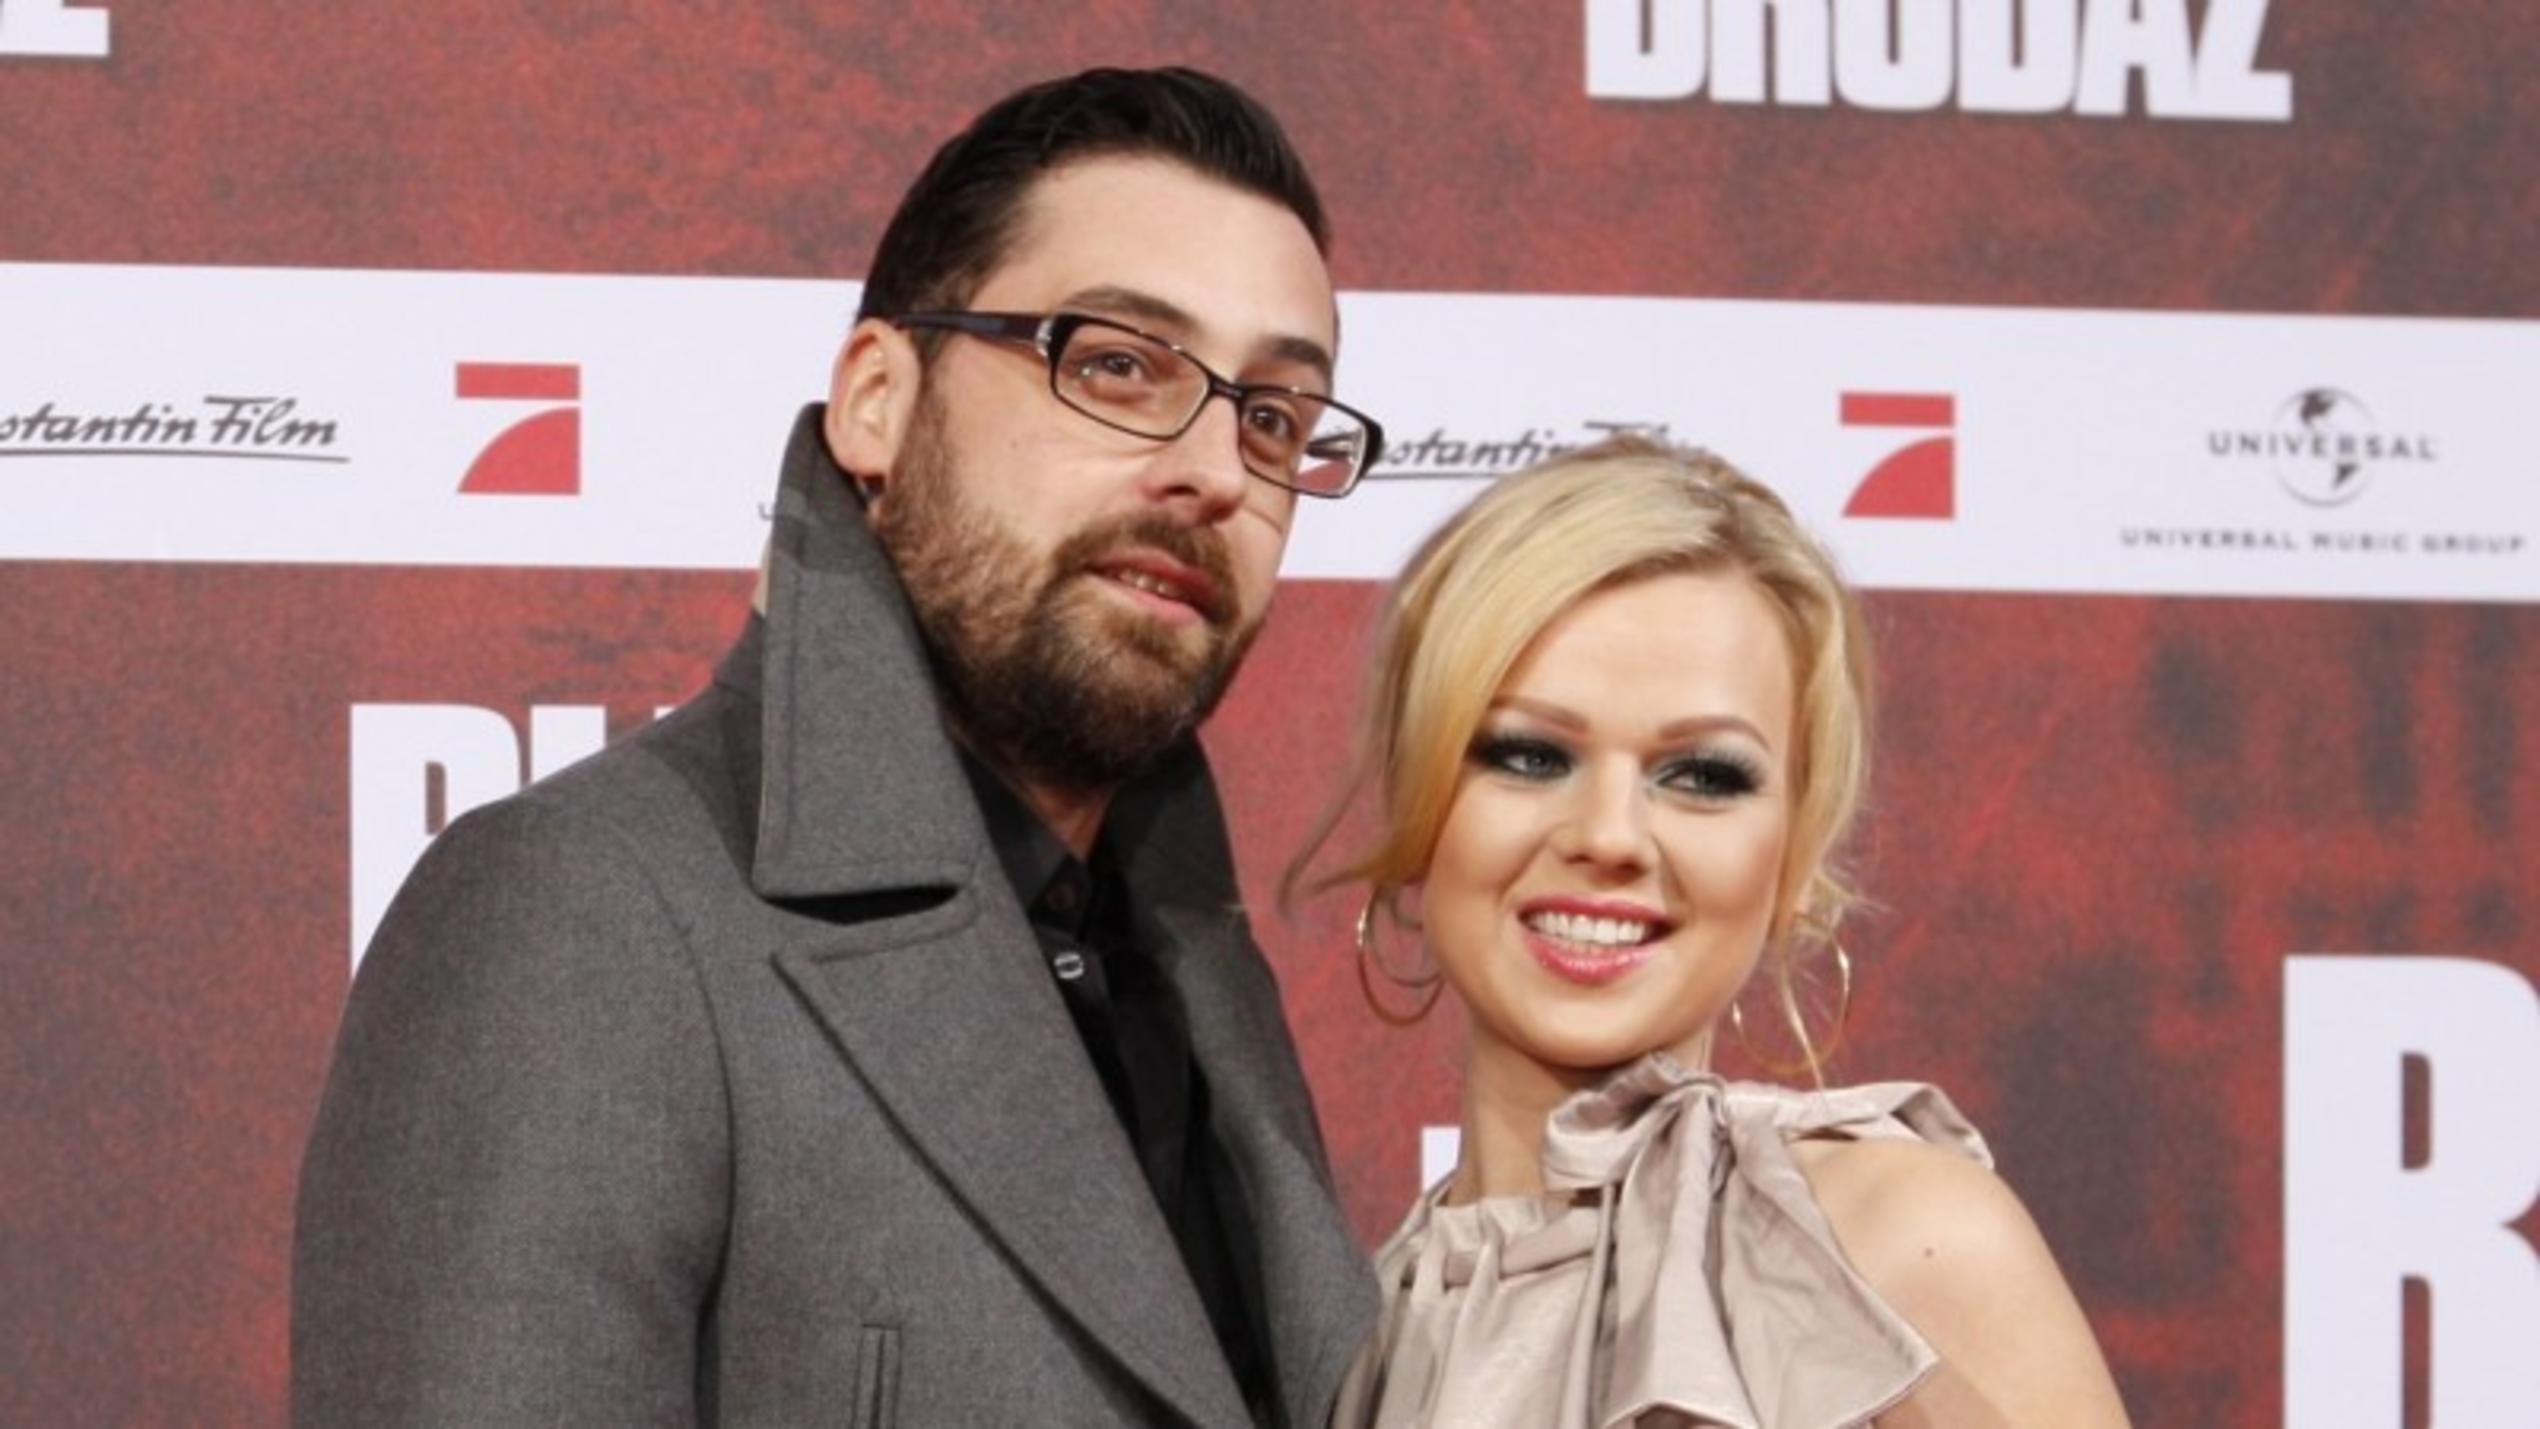 Sidos Ex-Freundin Doreen ohne BH & mit XXL-Ausschnitt